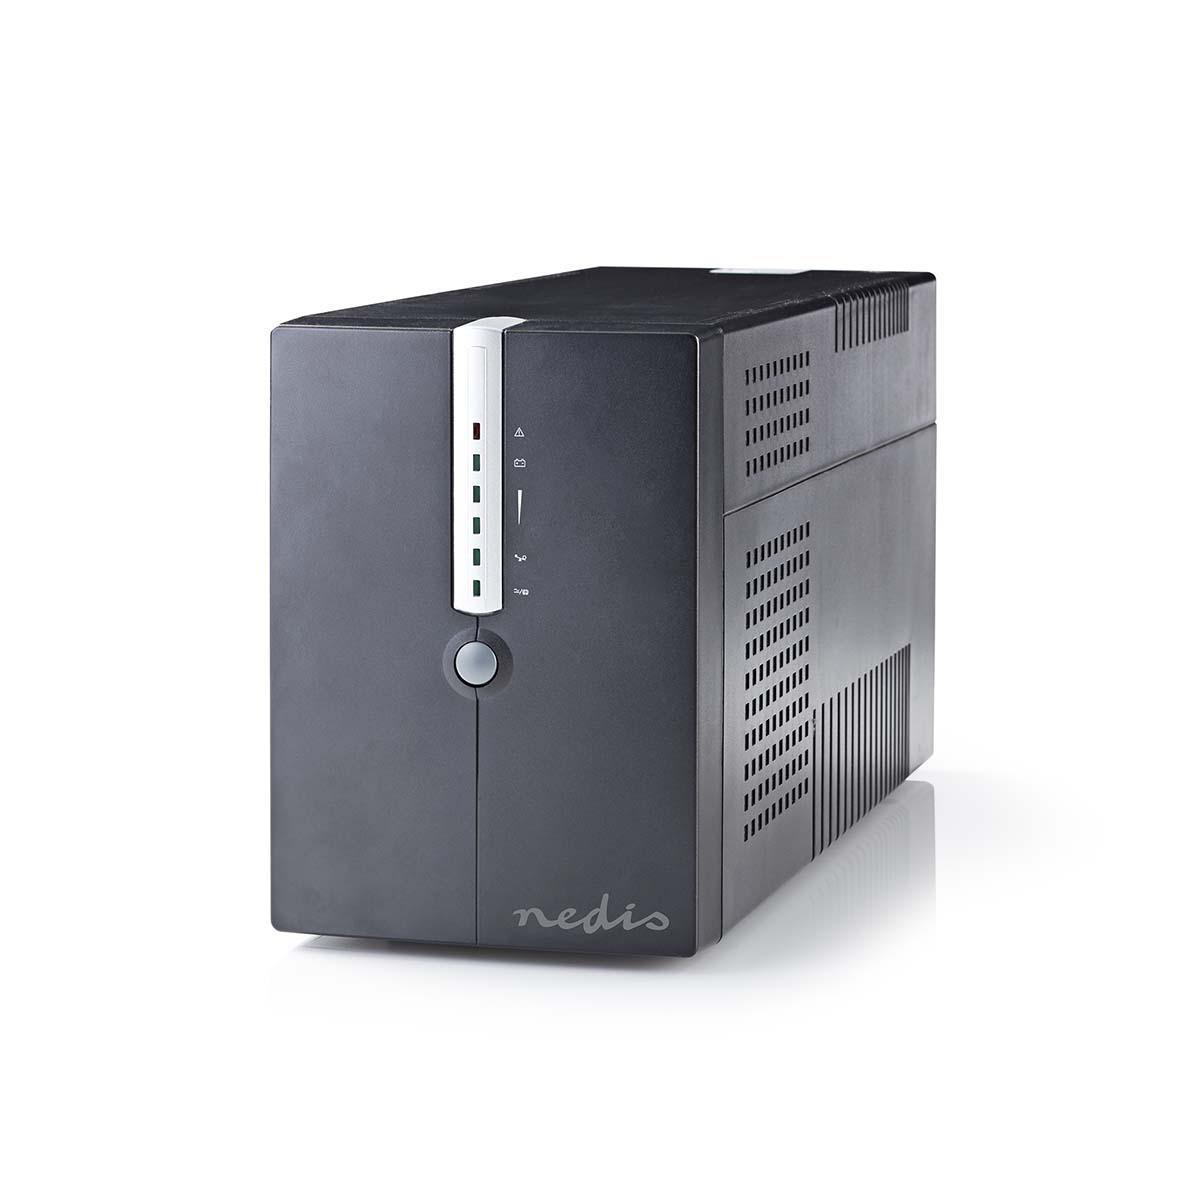 Proteggi i tuoi preziosi computer e file da interruzioni di corrente e sbalzi di corrente con questo potente UPS da 2000 VA. La batteria integrata offre 10 minuti per salvare i file e spegnere correttamente il computer durante un'interruzione di corrente.